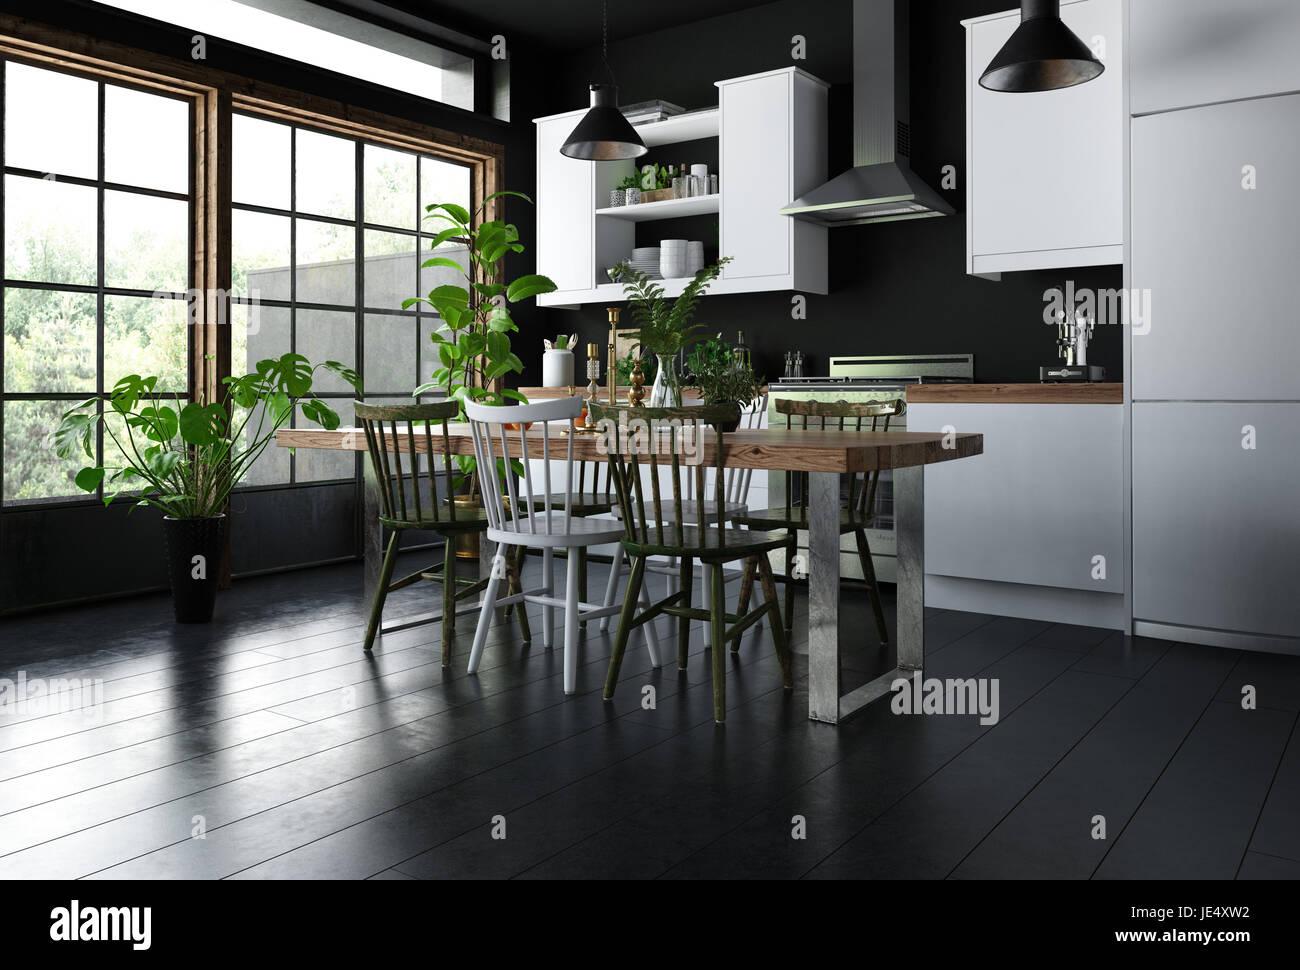 Interior Da Cozinha Moderna Equipada Com Mesa De Jantar E Cadeiras